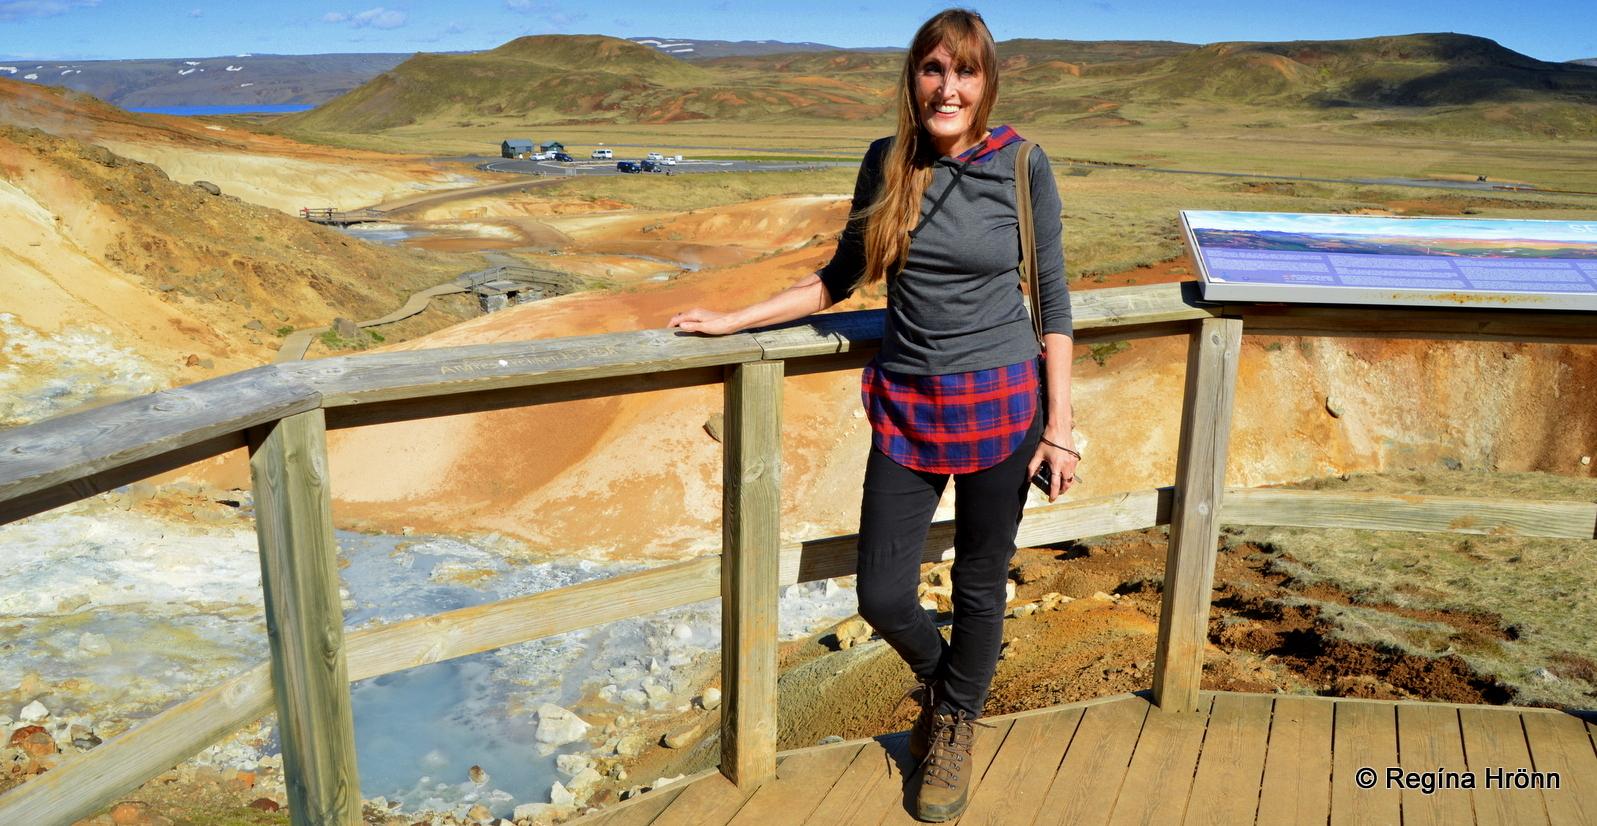 ace94af81cb Seltún - the colourful Geothermal Area at Krýsuvík on the Reykjanes ...